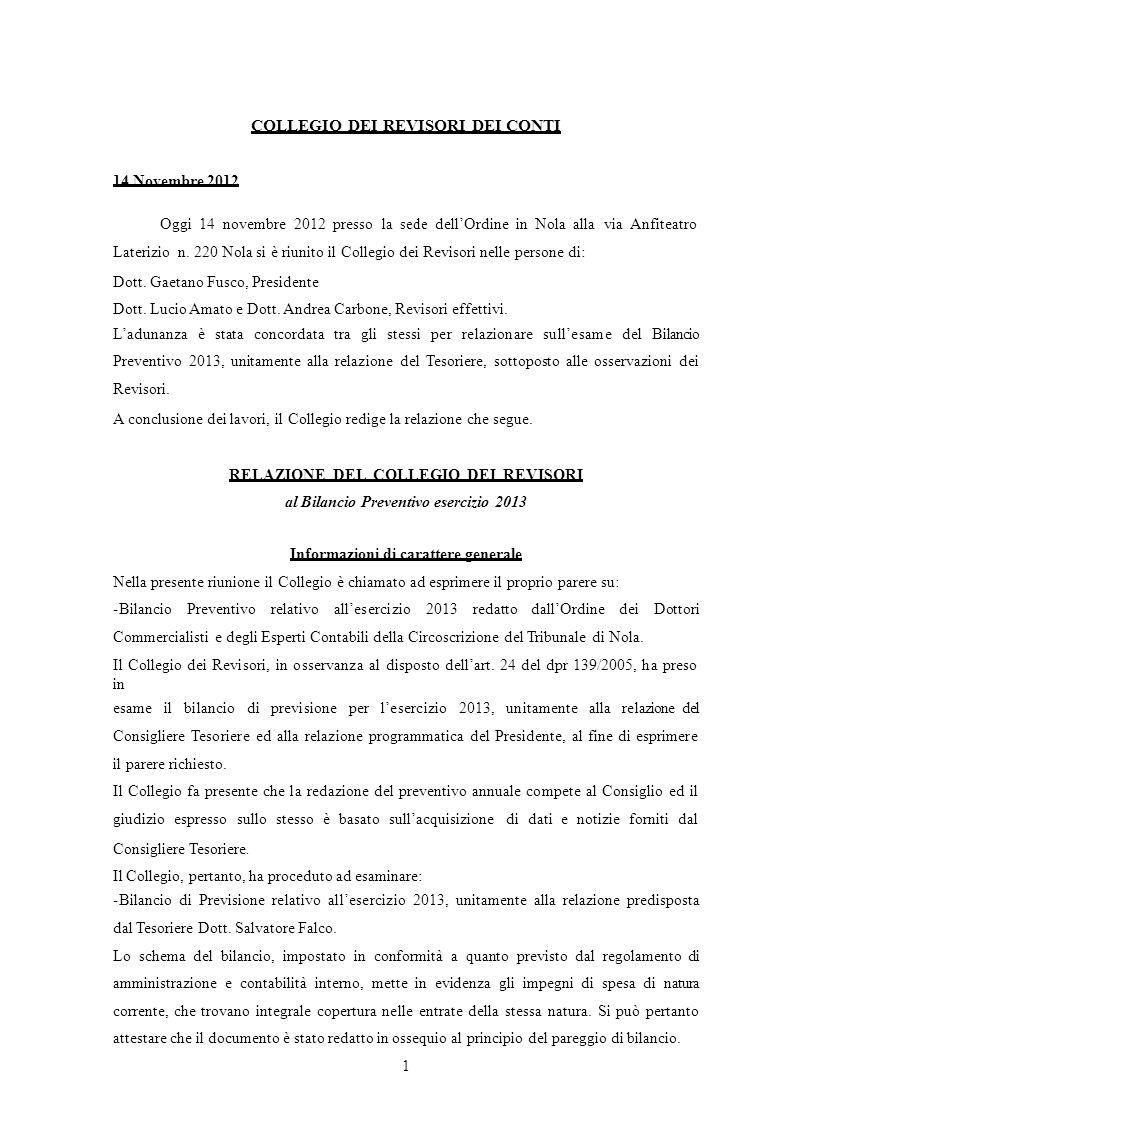 COLLEGIO DEI REVISORI DEI CONTI